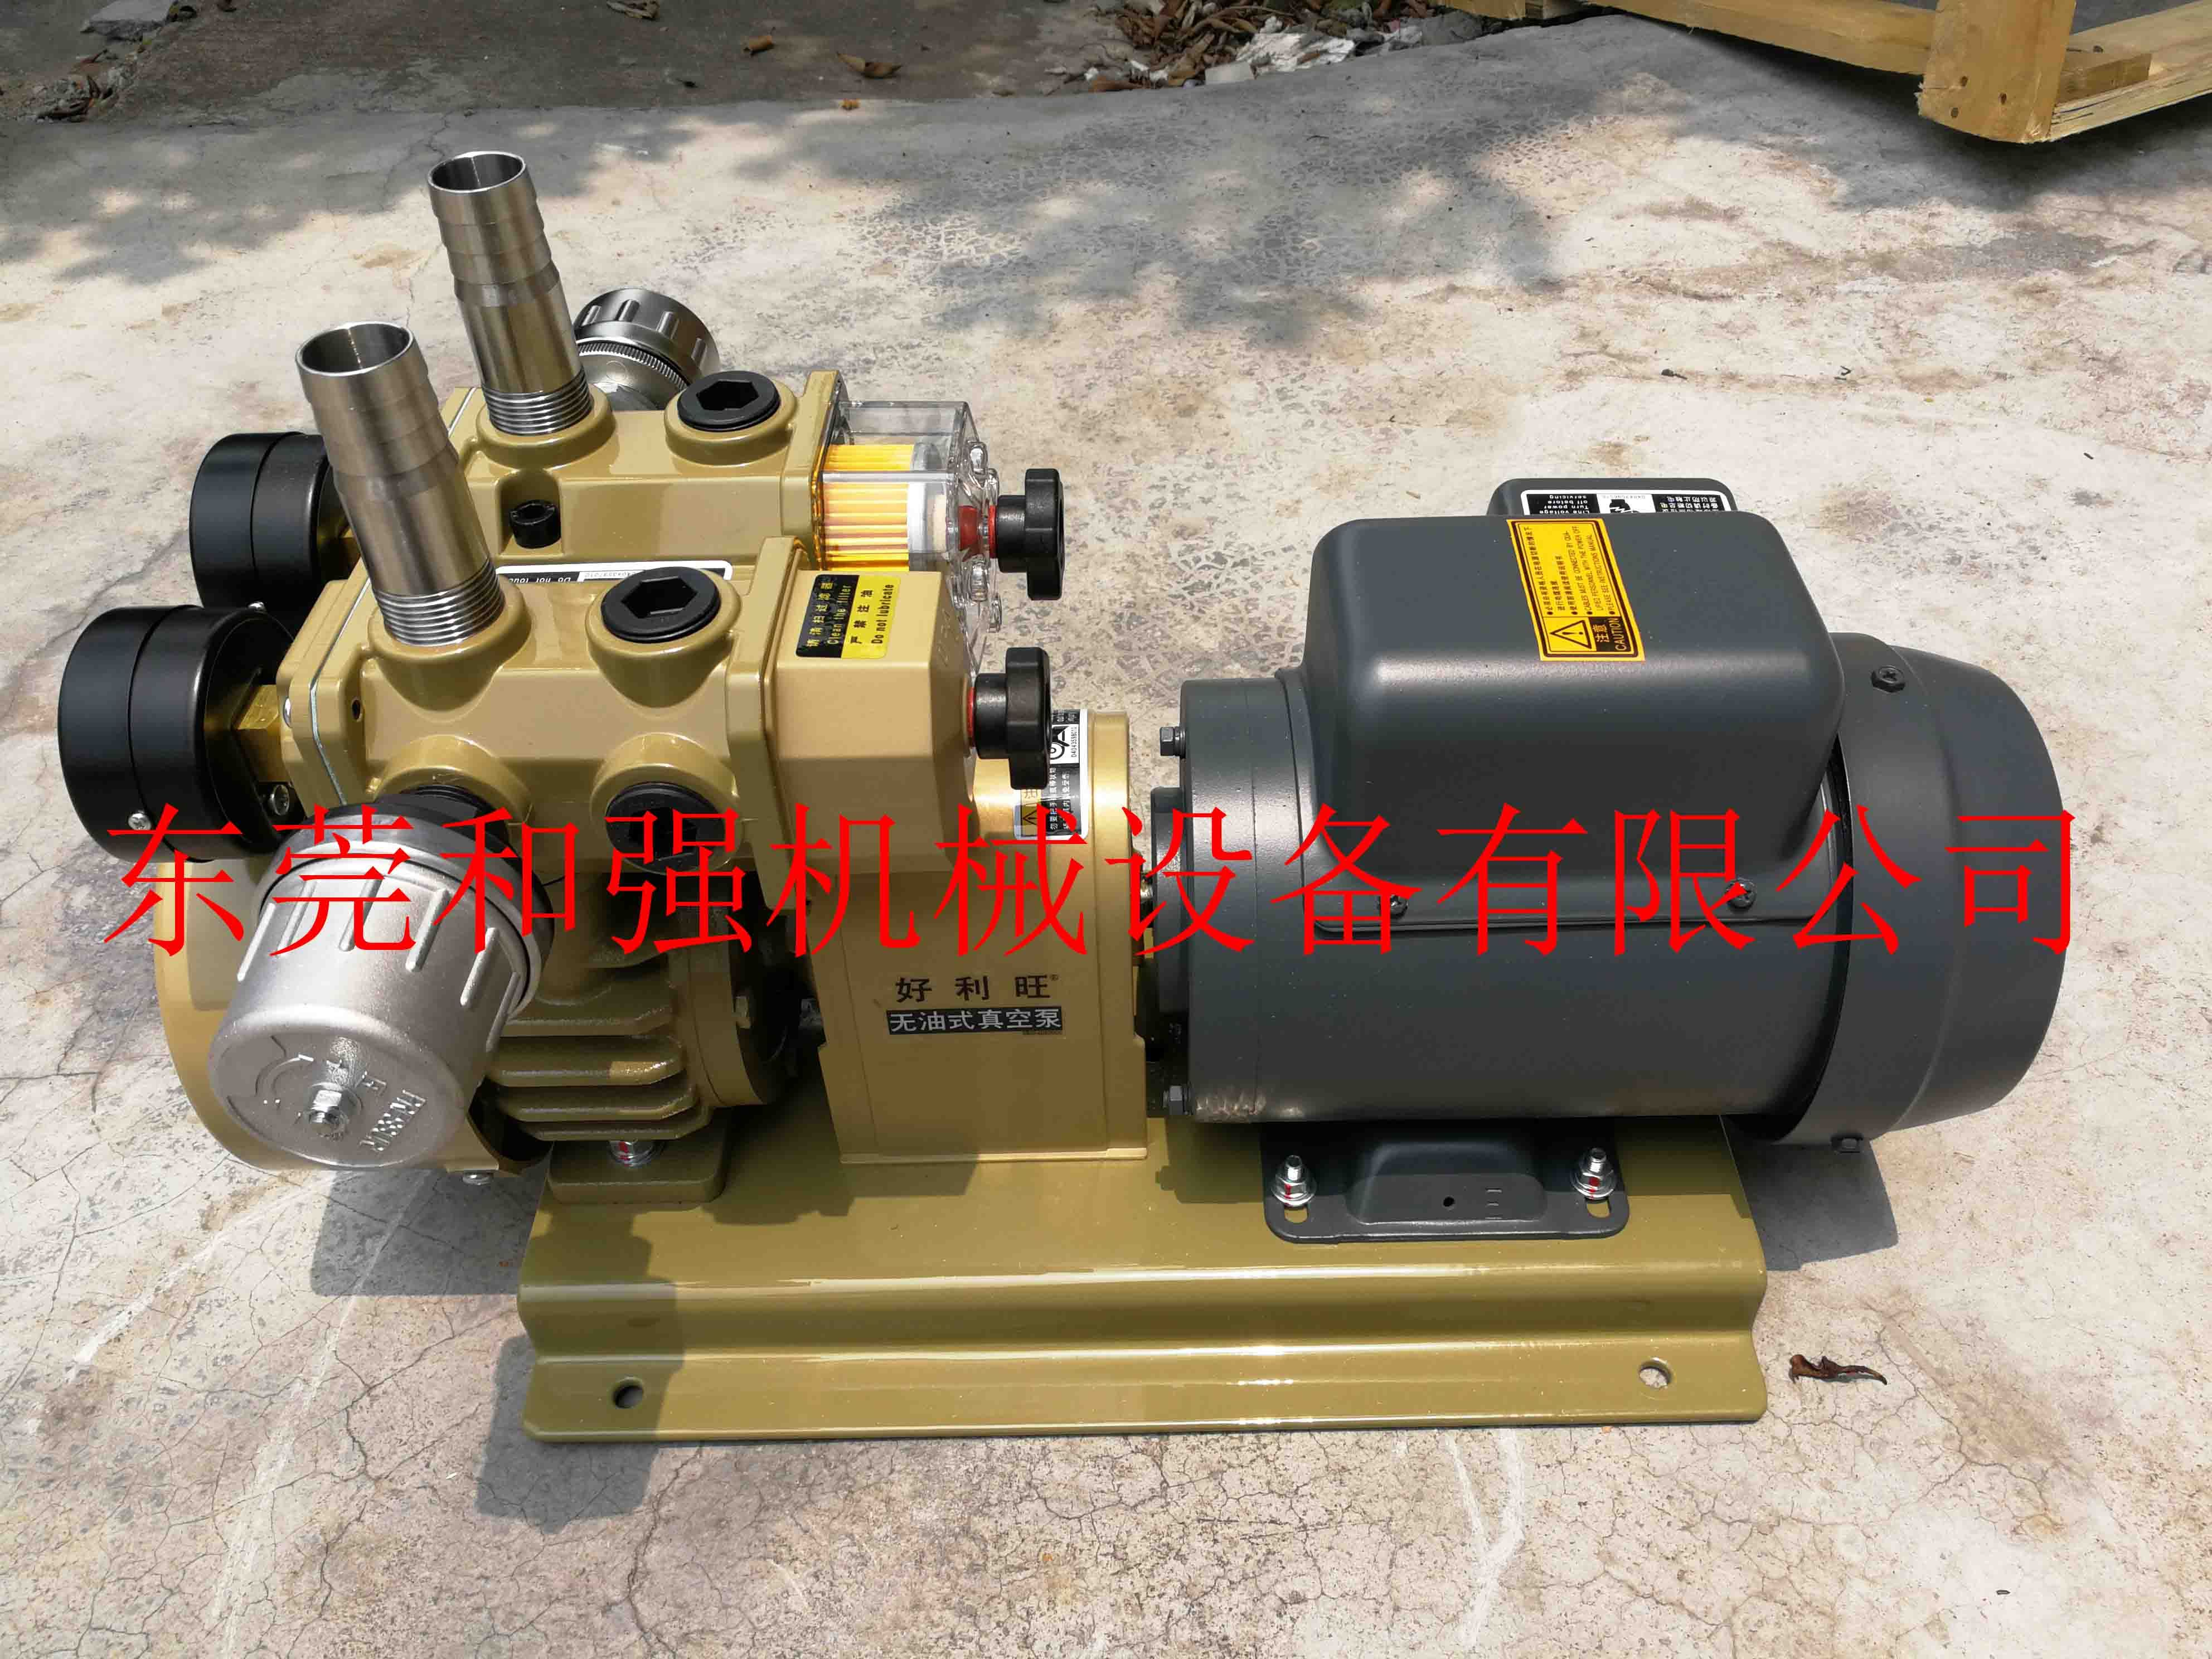 好利旺KRX3-P-VB-01真空泵印刷机无油泵检测包装风泵气泵LED分光机